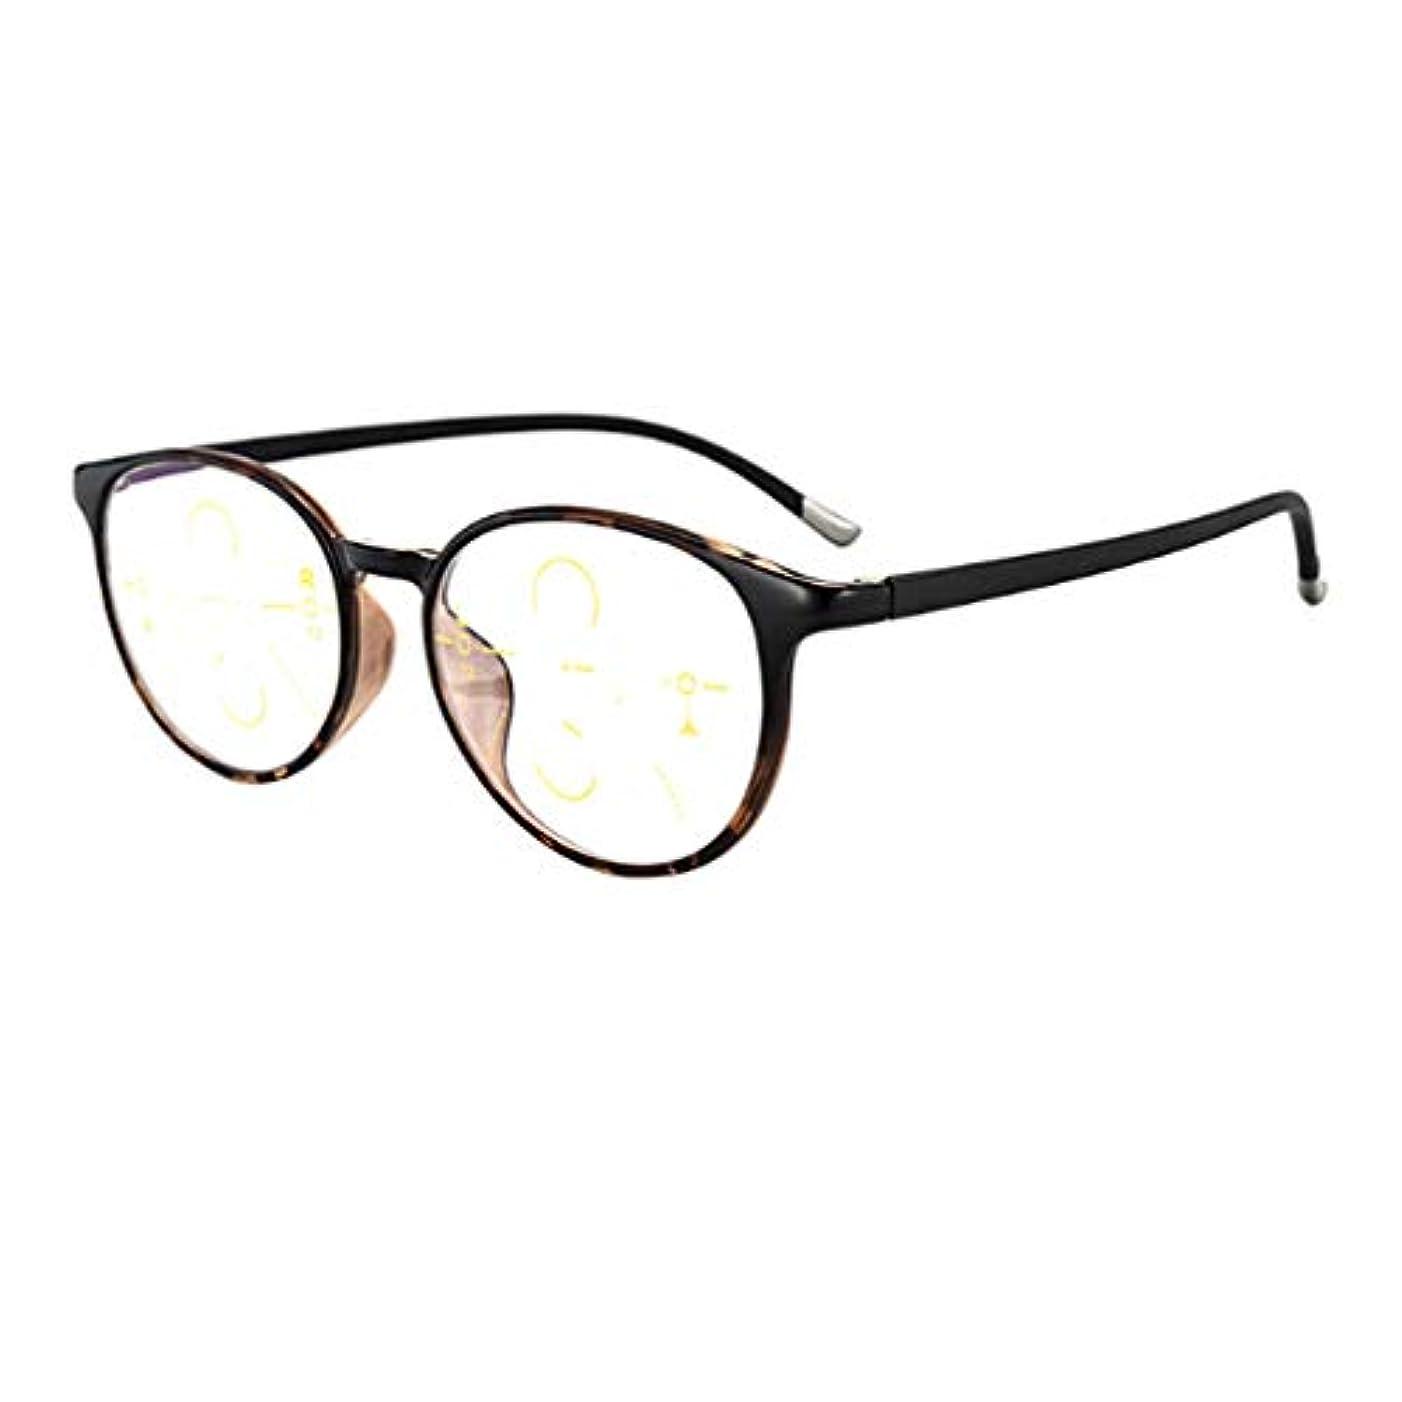 5個の老眼鏡、アンチブルーライトインテリジェントズーム老眼鏡、遠近使用、スタイリッシュな快適なユニセックス老眼鏡+1.5 +2.0 2.5